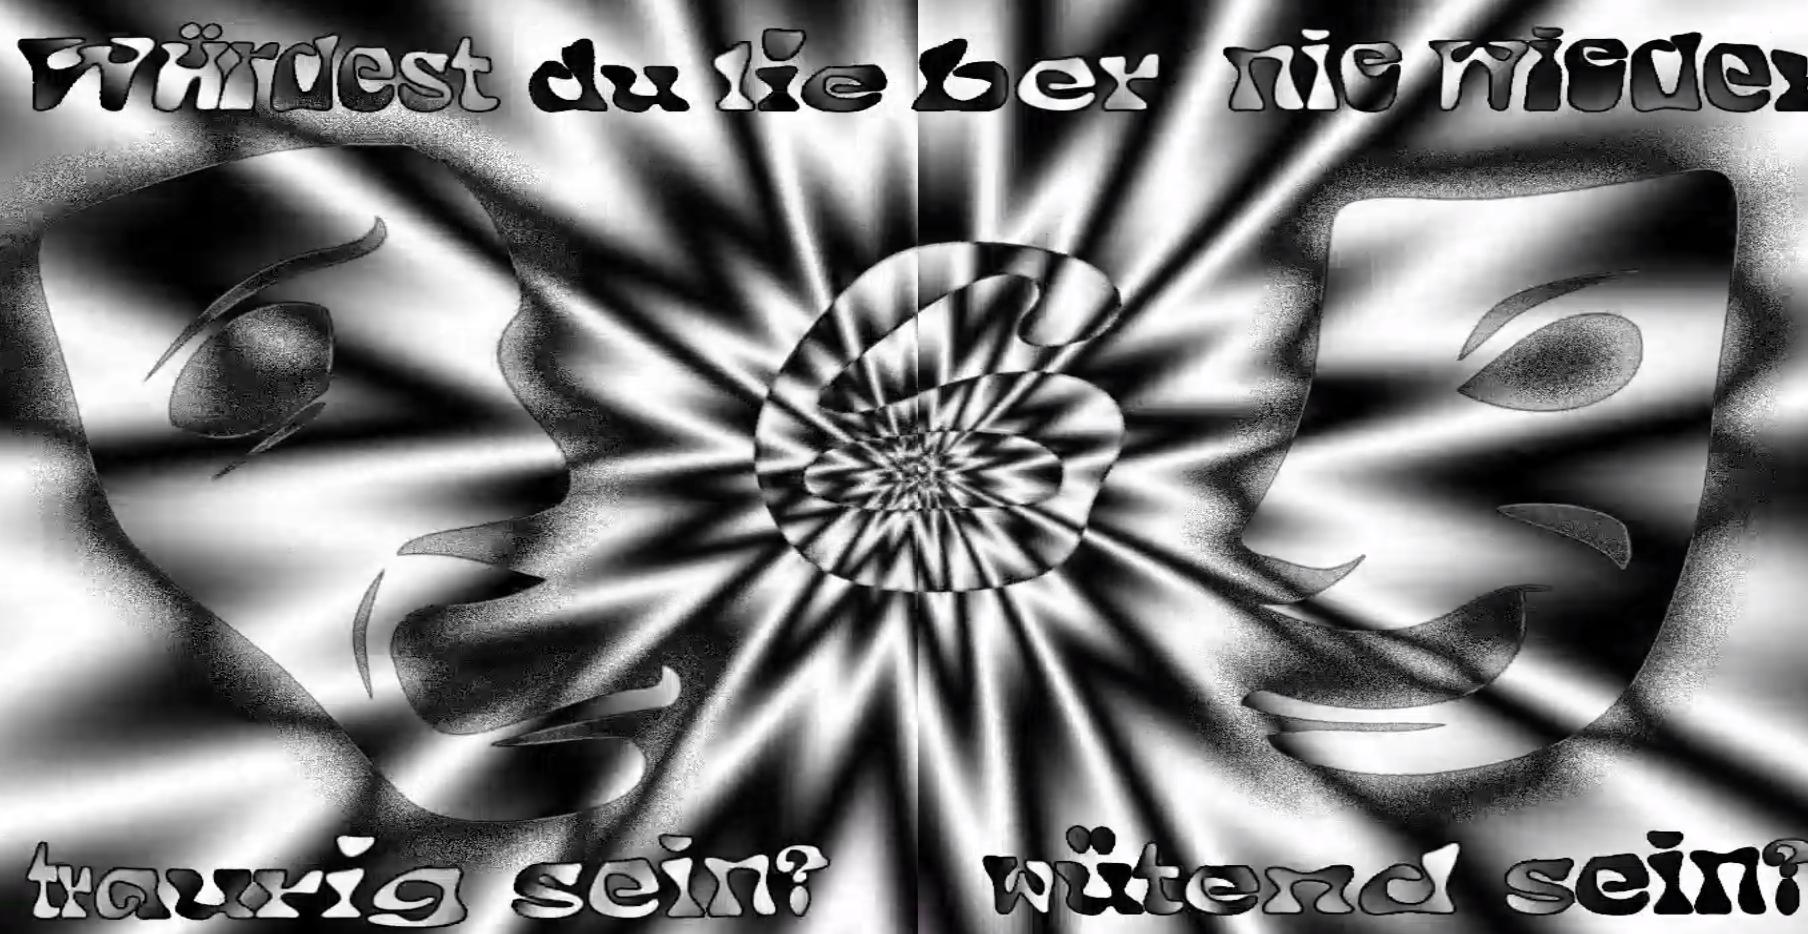 """Willkommen zu """"Torben Zs' Super Crazy Amazing Reveal Your Incredible Inner Self Quizz"""", einem Retro-Futuristischen Ausflug in Torben Zs' Quiz der multiplen Persönlichkeiten, der euch durch totale Reizüberflutung zu eurem Innersten führen wird. Dort erwartet euch am Abgrund eurer wahren Persönlichkeit eine kollektiv-kreative Offenbarung. (©Willkommen zu """"Torben Zs' Super Crazy Amazing Reveal Your Incredible Inner Self Quizz"""", einem Retro-Futuristischen Ausflug in Torben Zs' Quiz der multiplen Persönlichkeiten, der euch durch totale Reizüberflutung zu eurem Innersten führen wird. Dort erwartet euch am Abgrund eurer wahren Persönlichkeit eine kollektiv-kreative Offenbarung.)"""